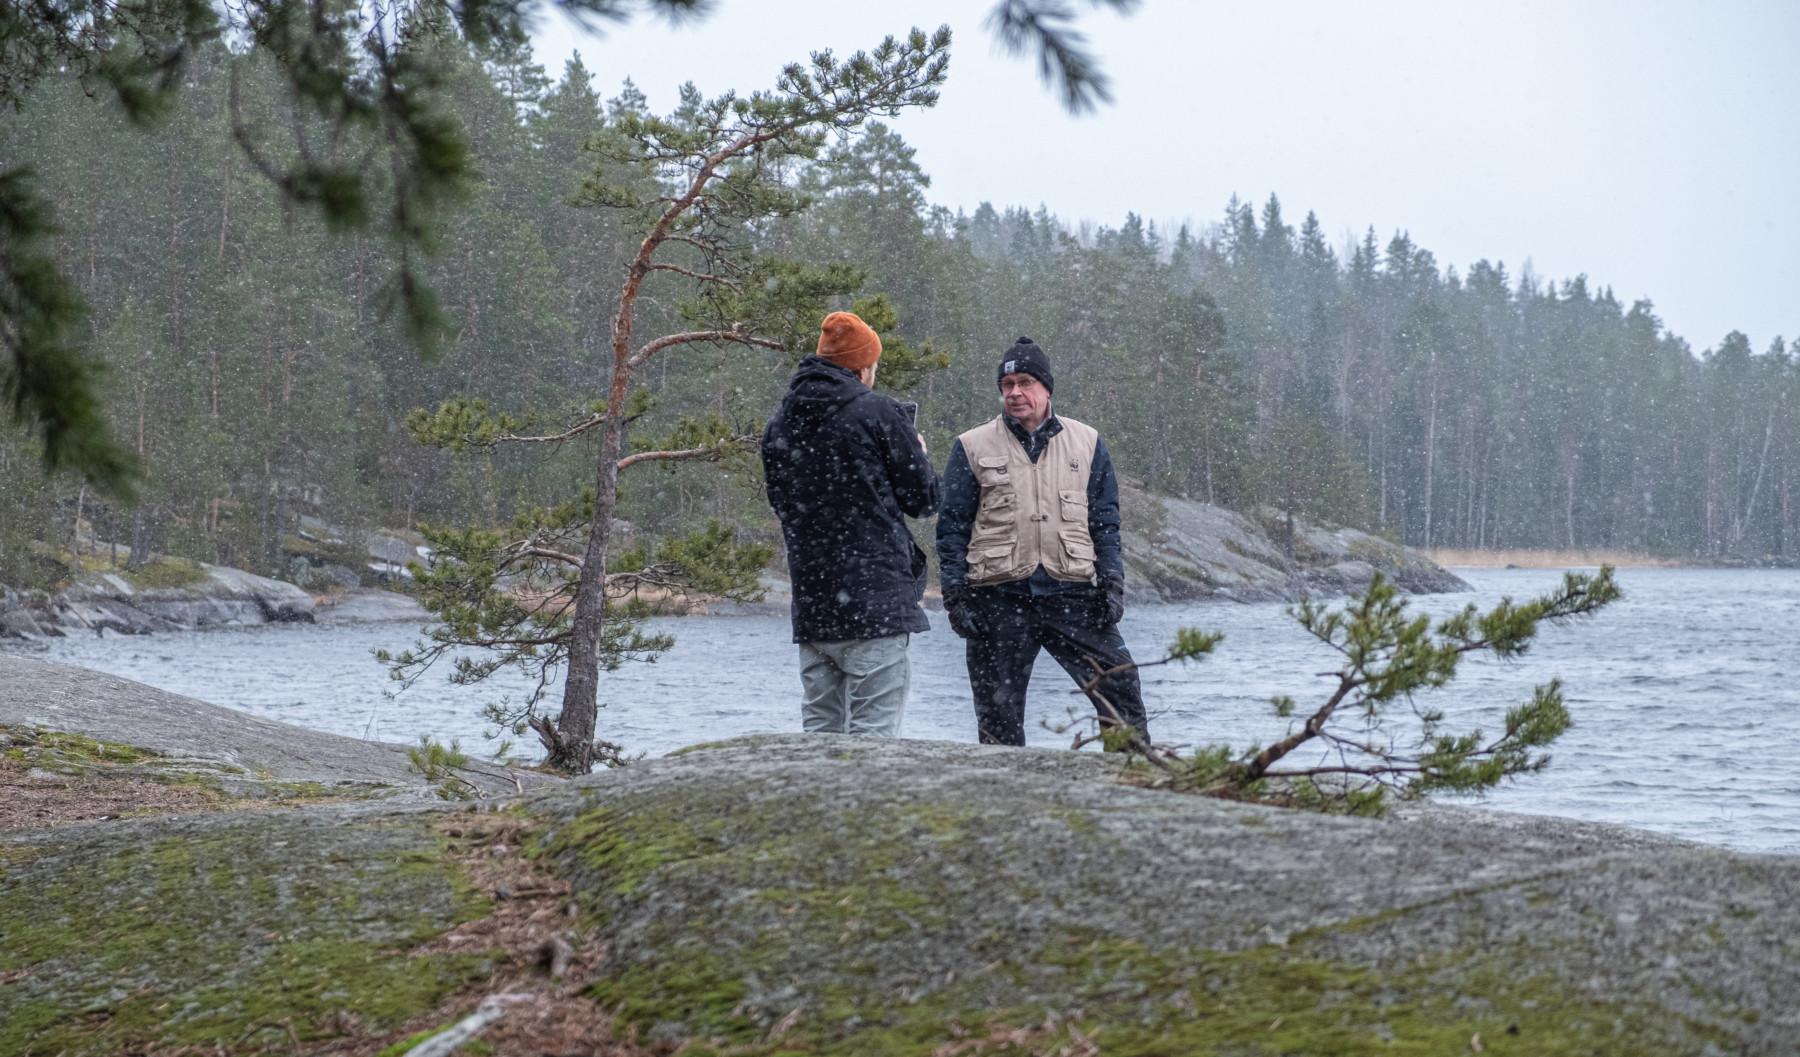 نظرًا لهبوب عاصفة محمَّلة بالمطر الثلجي في فبراير، يفكر كلٌّ من جوناس فريتزي أخصائي الاتصالات (المتبقي) من الصندوق العالمي للحياة البرية (WWF) في فنلندا والمتطوع إيسمو مارتتينن في المناظر الطبيعية لشاطئ البحيرة الخضراء التي تغطيها عادة طبقة سميكة من الثلج الأبيض خلال فصل الشتاء.